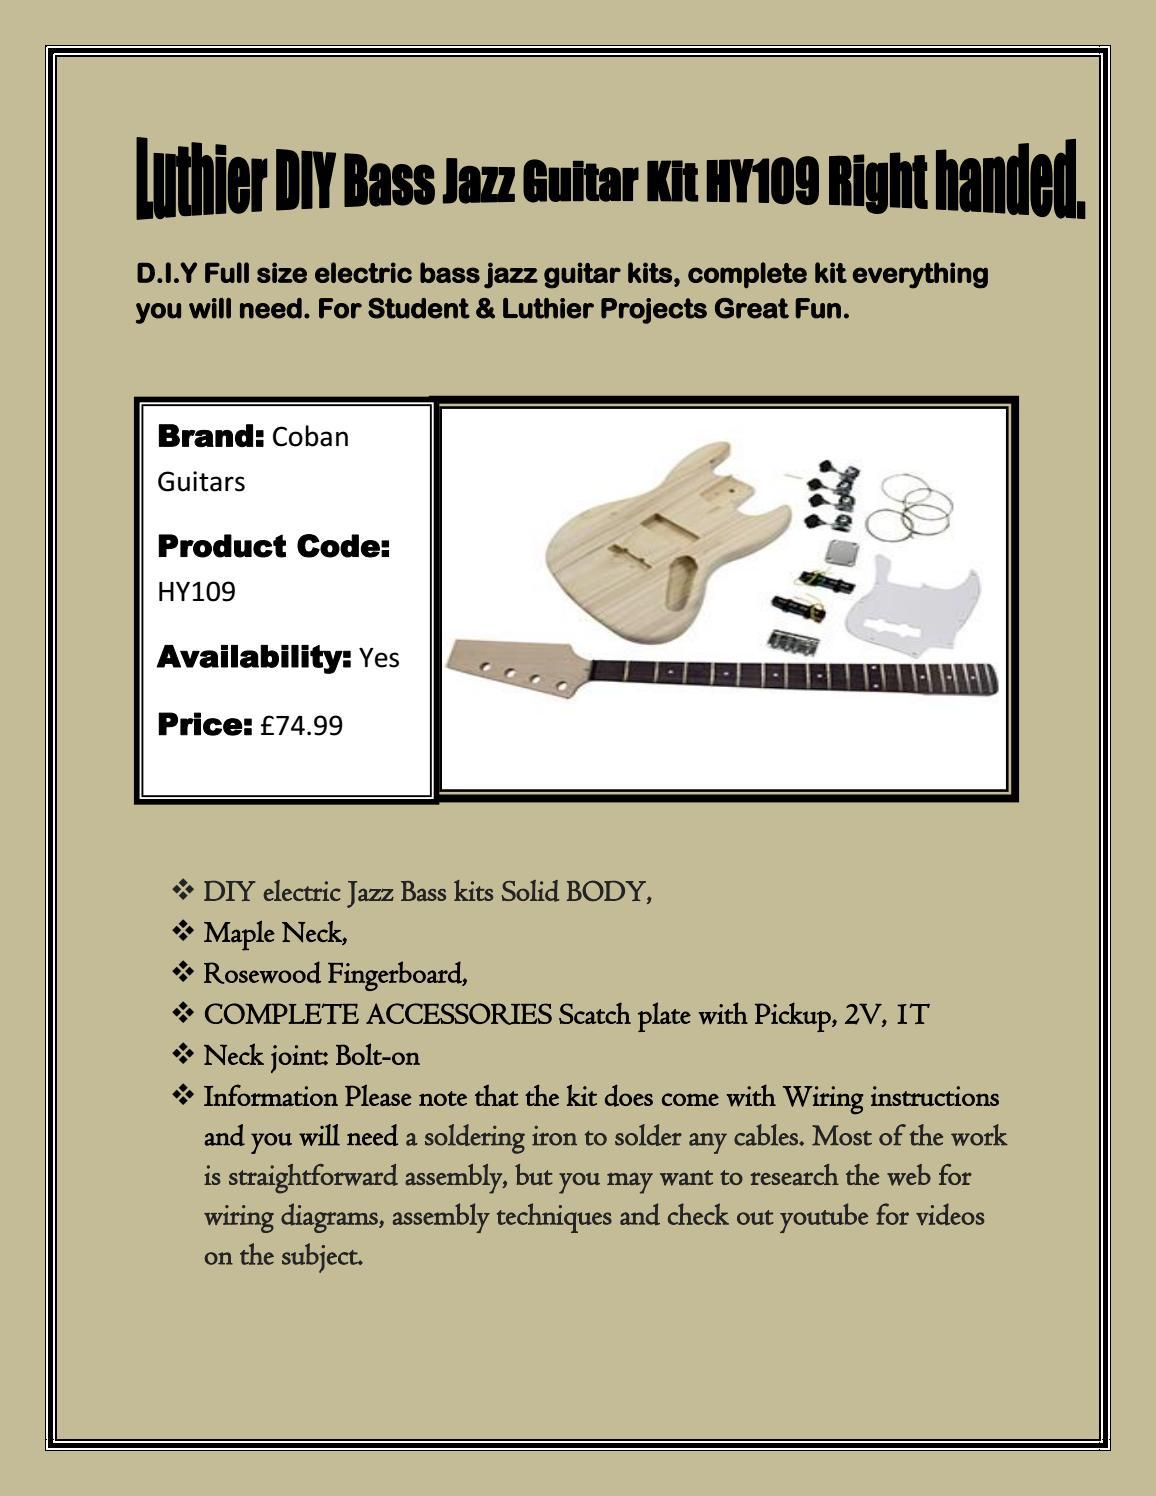 Buy Online Guitar Diy Kits At Ukmusicsupplies By Uk Music Supplies Kit Wiring Diagram Issuu